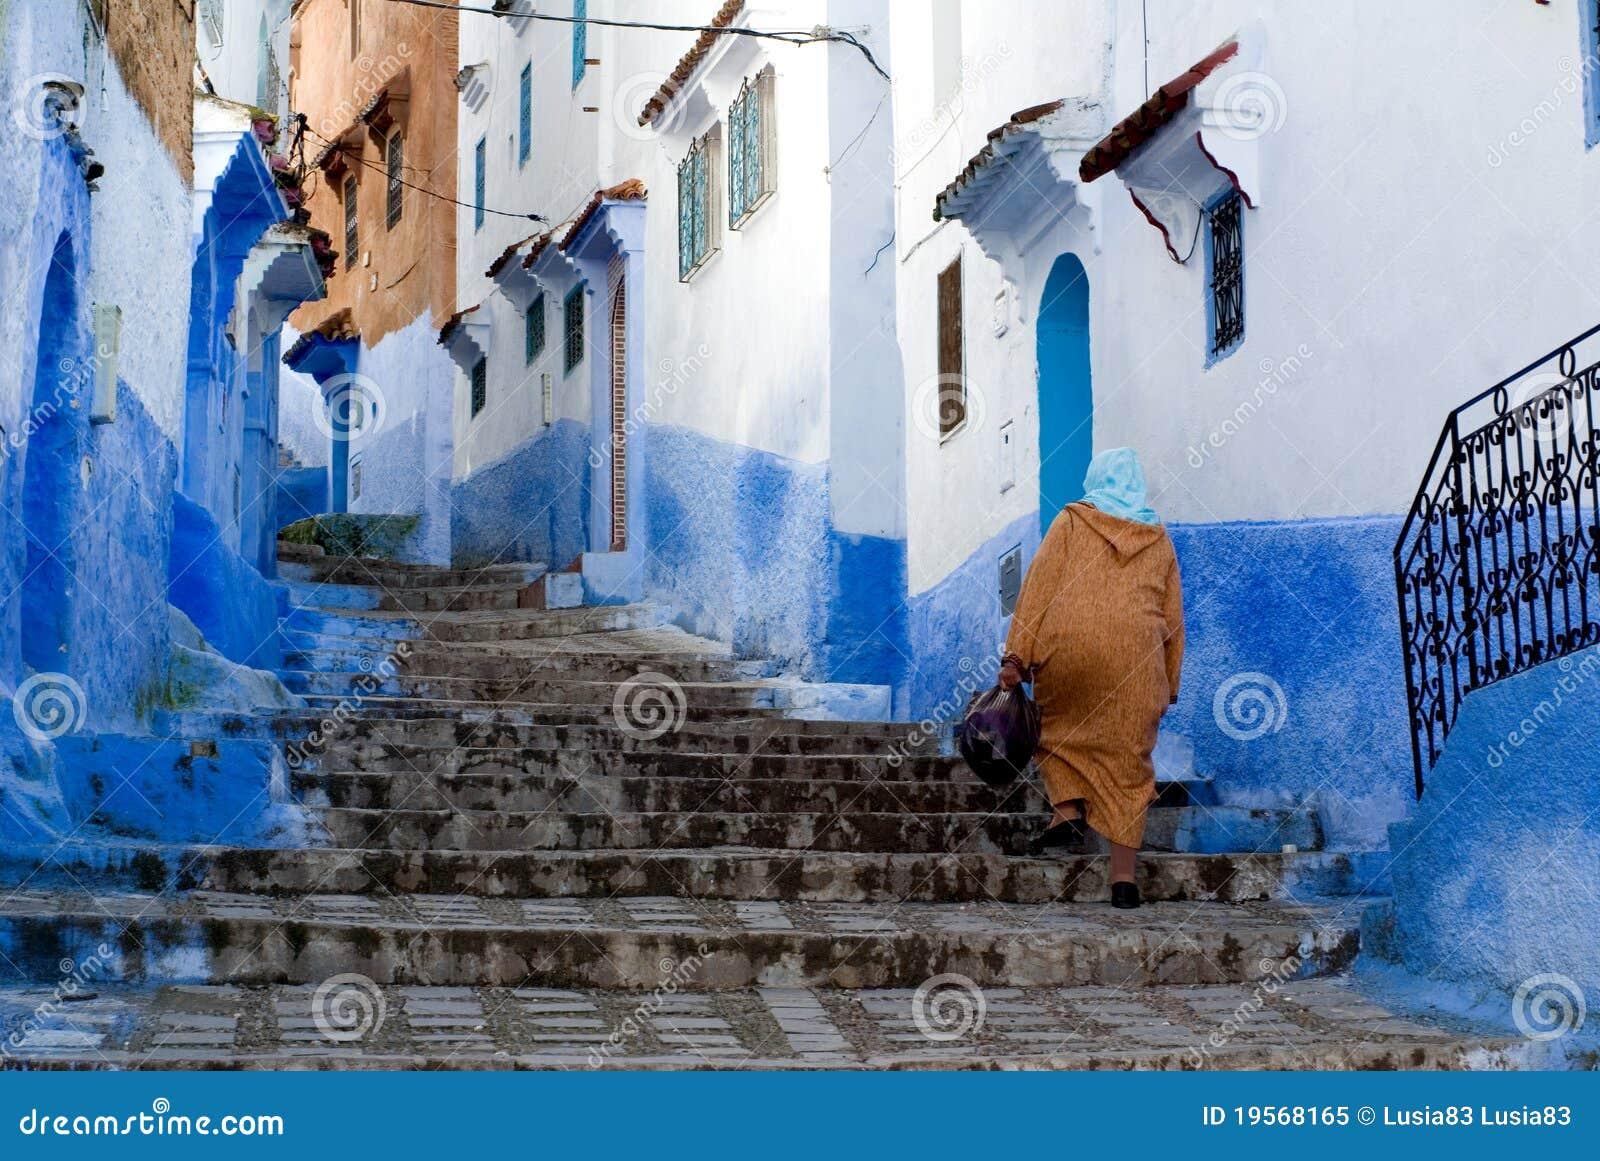 Ville de bleu de Chefchaouen